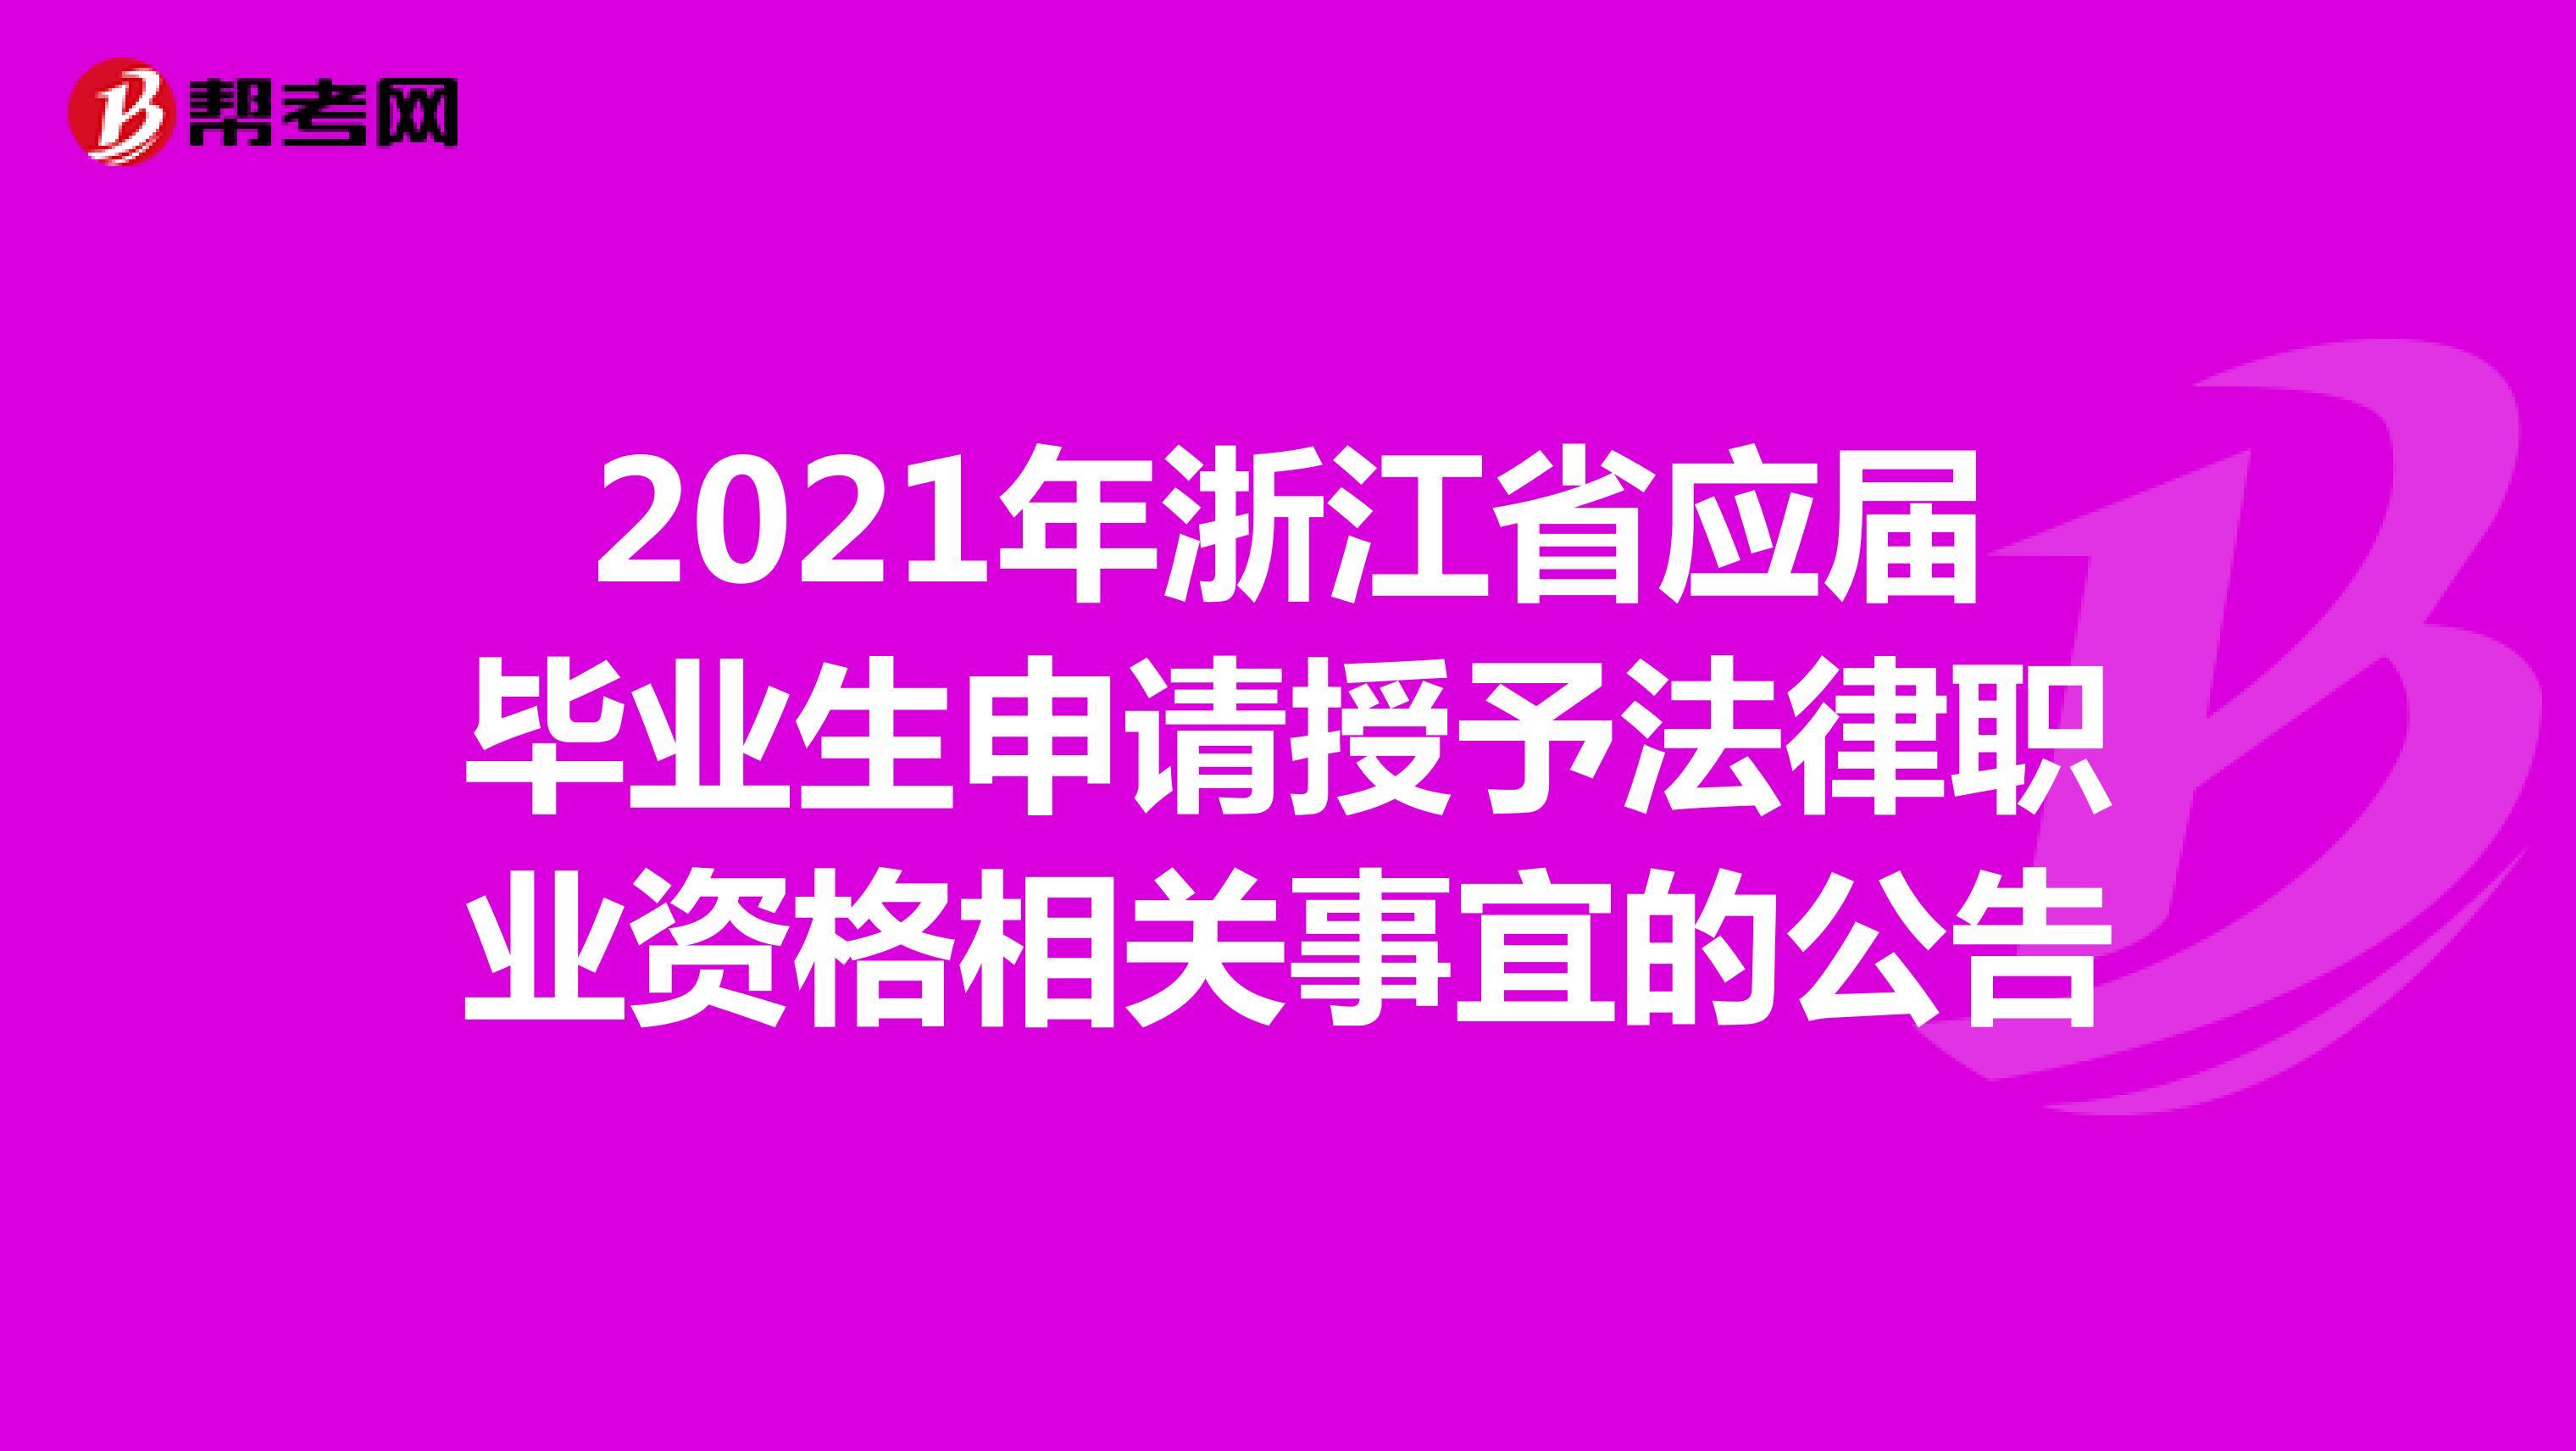 2021年浙江省应届毕业生申请授予法律职业资格相关事宜的公告